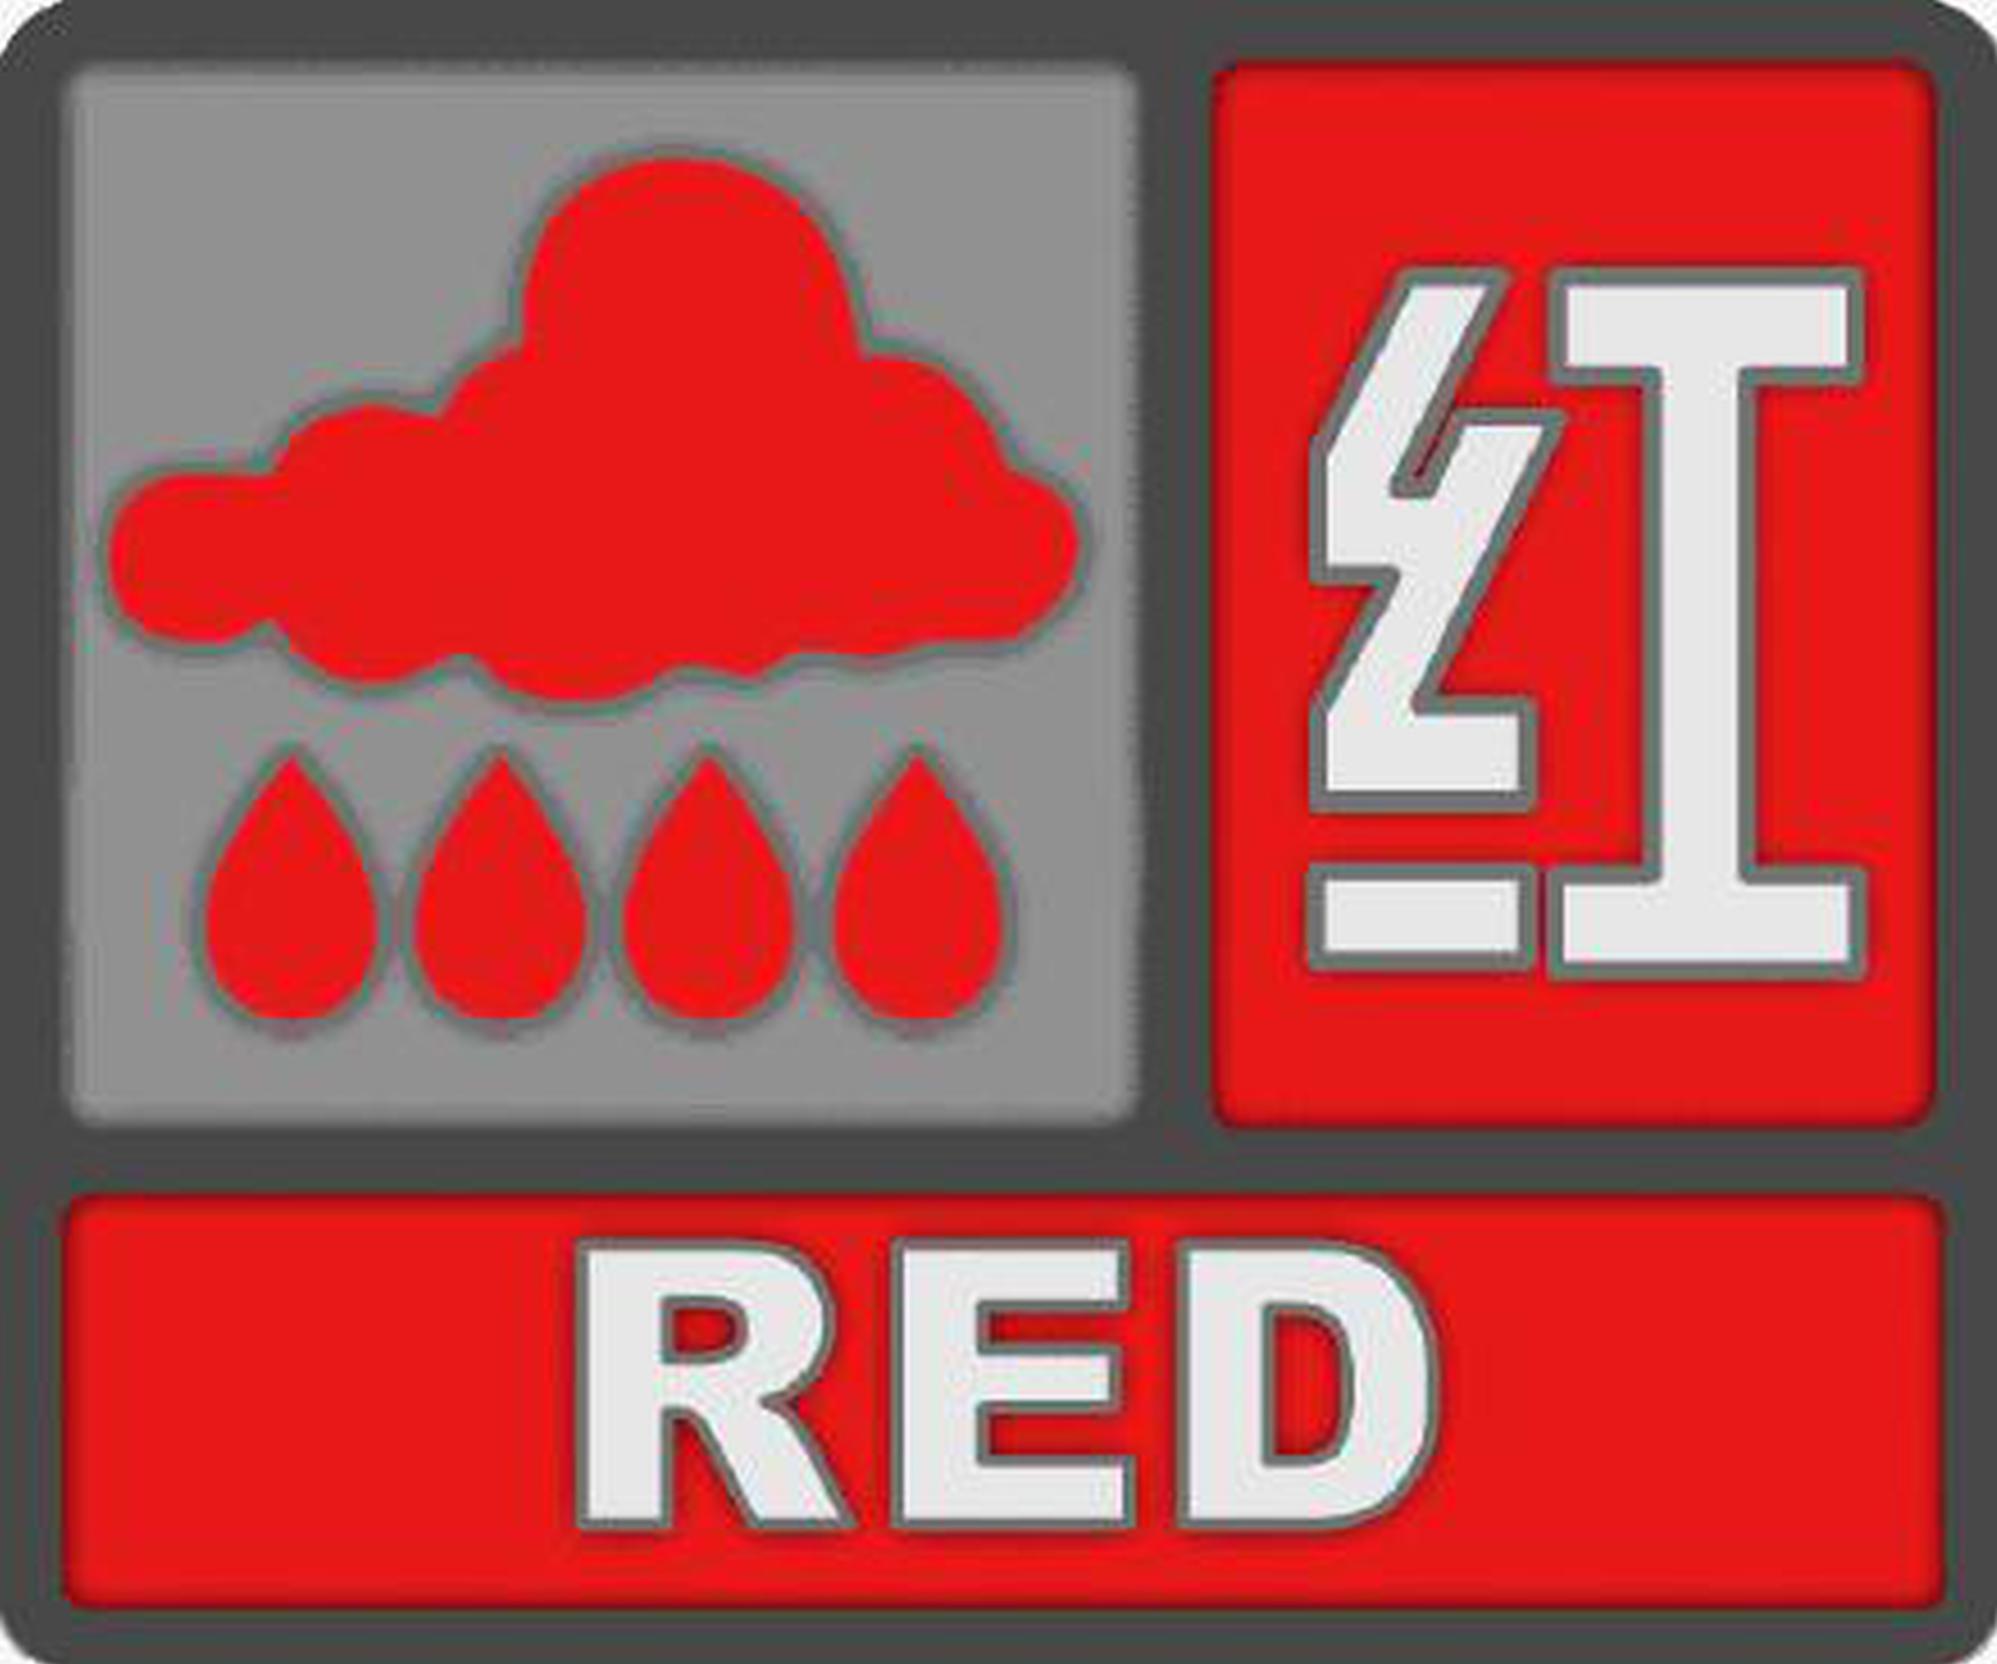 刚刚,长沙连发暴雨预警